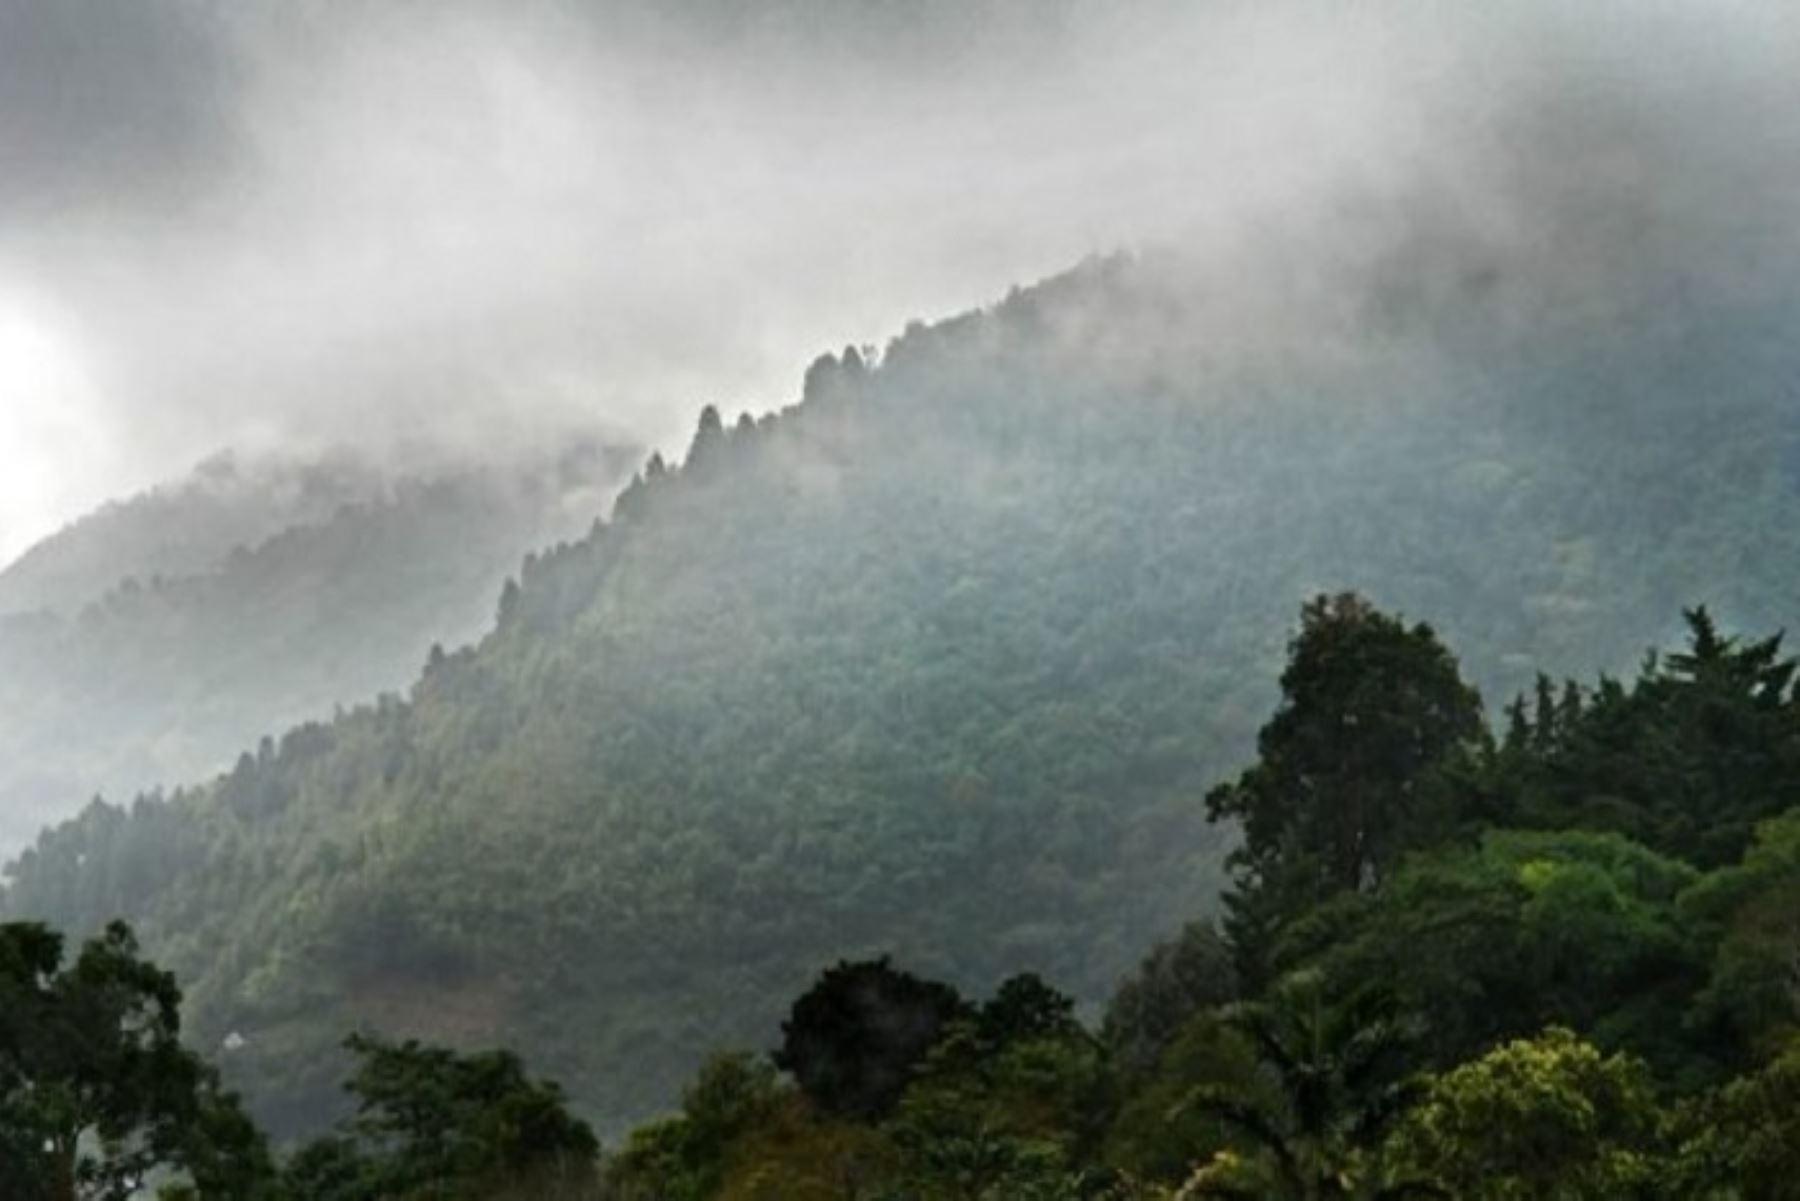 Durante el periodo de friaje se registrará el descenso de la temperatura diurna con valores próximos a los 22 grados Celsius en la Selva sur y 27 grados Celsius en la Selva central. ANDINA/Difusión